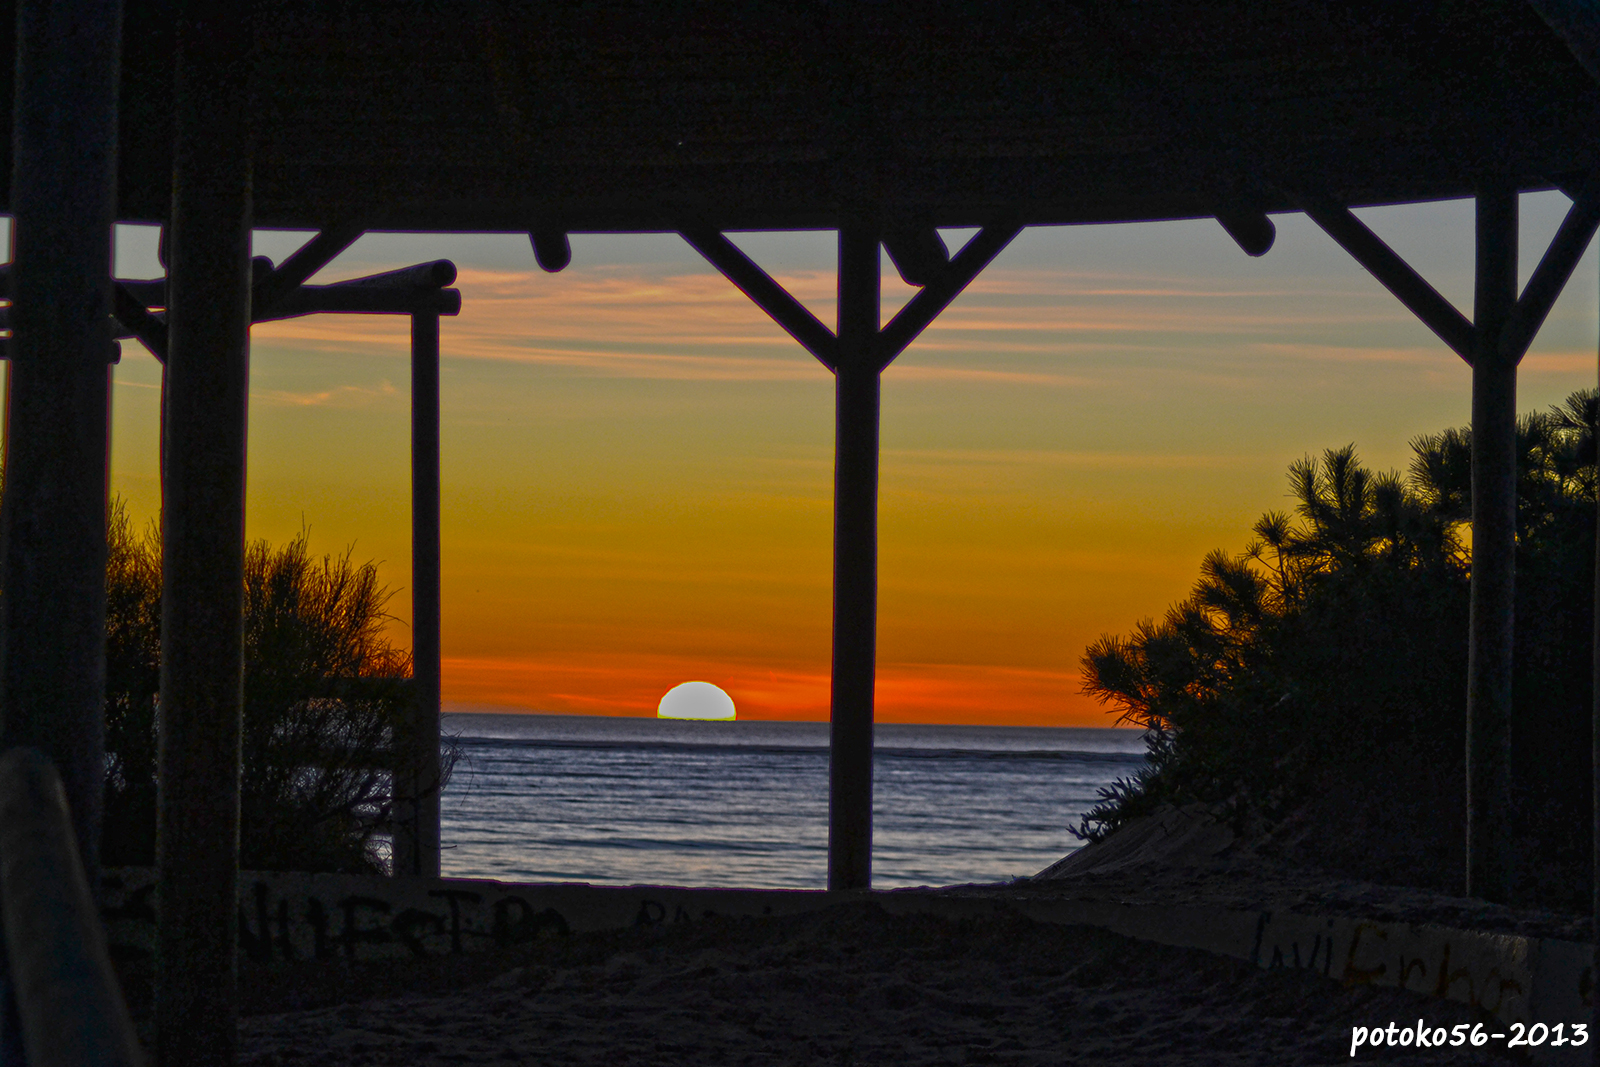 El Sol besando el Horizonte - desde el Mirador